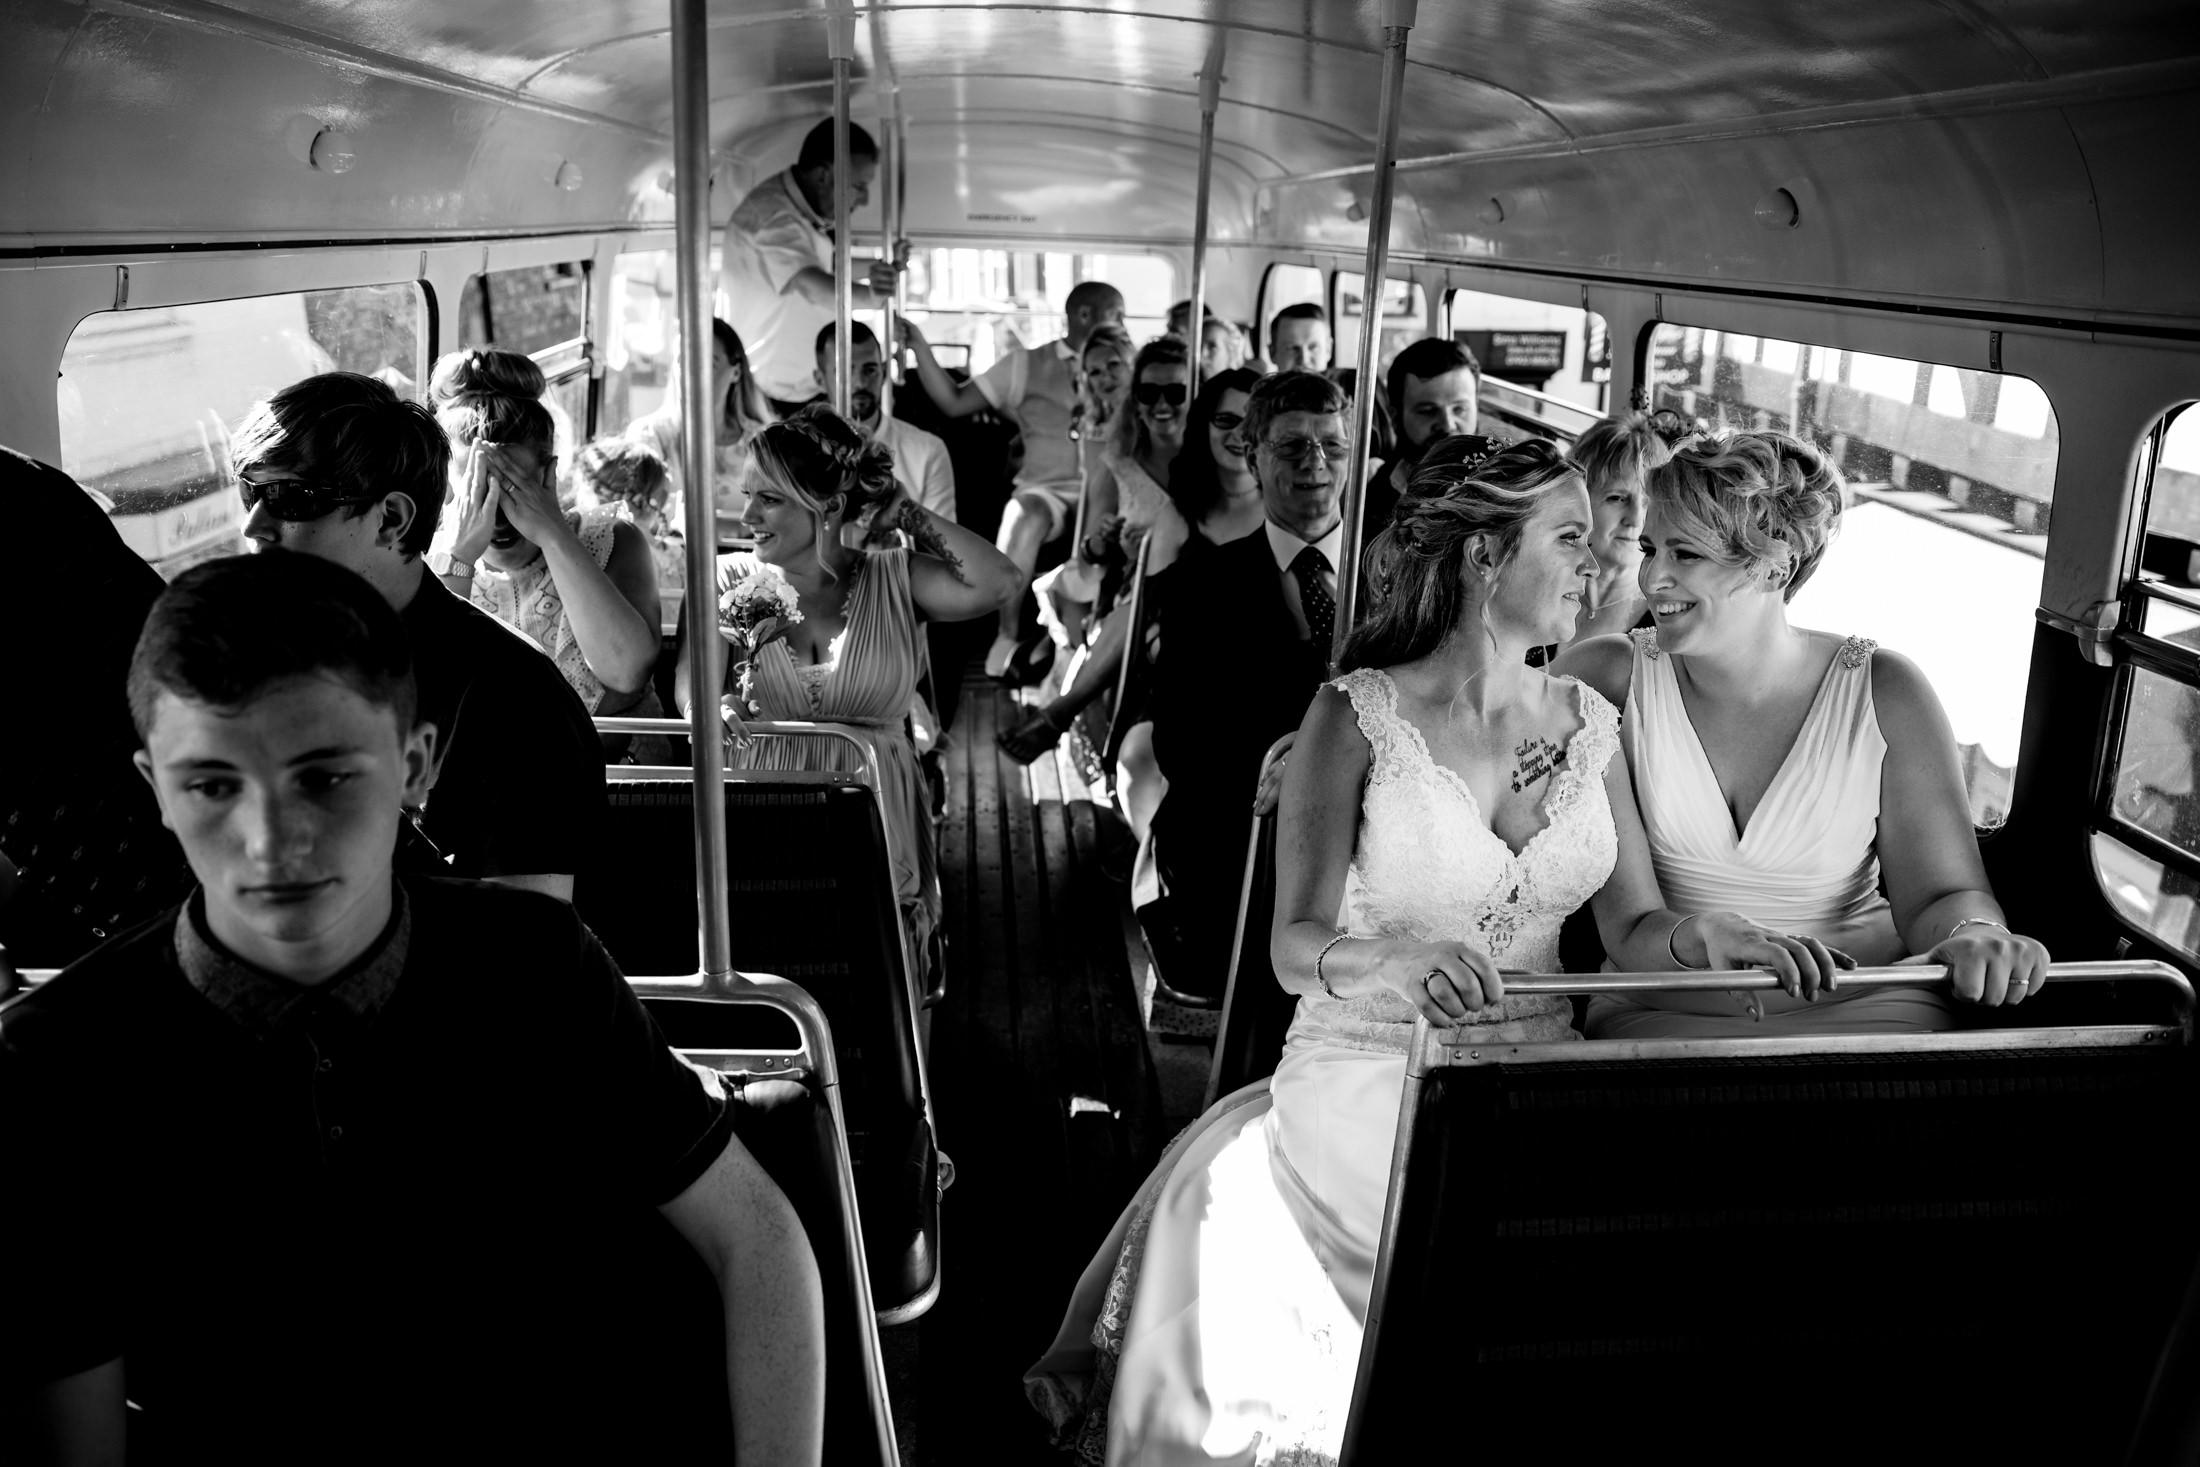 Chad-M-Brown-Brisbane-Wedding-Photographer-012